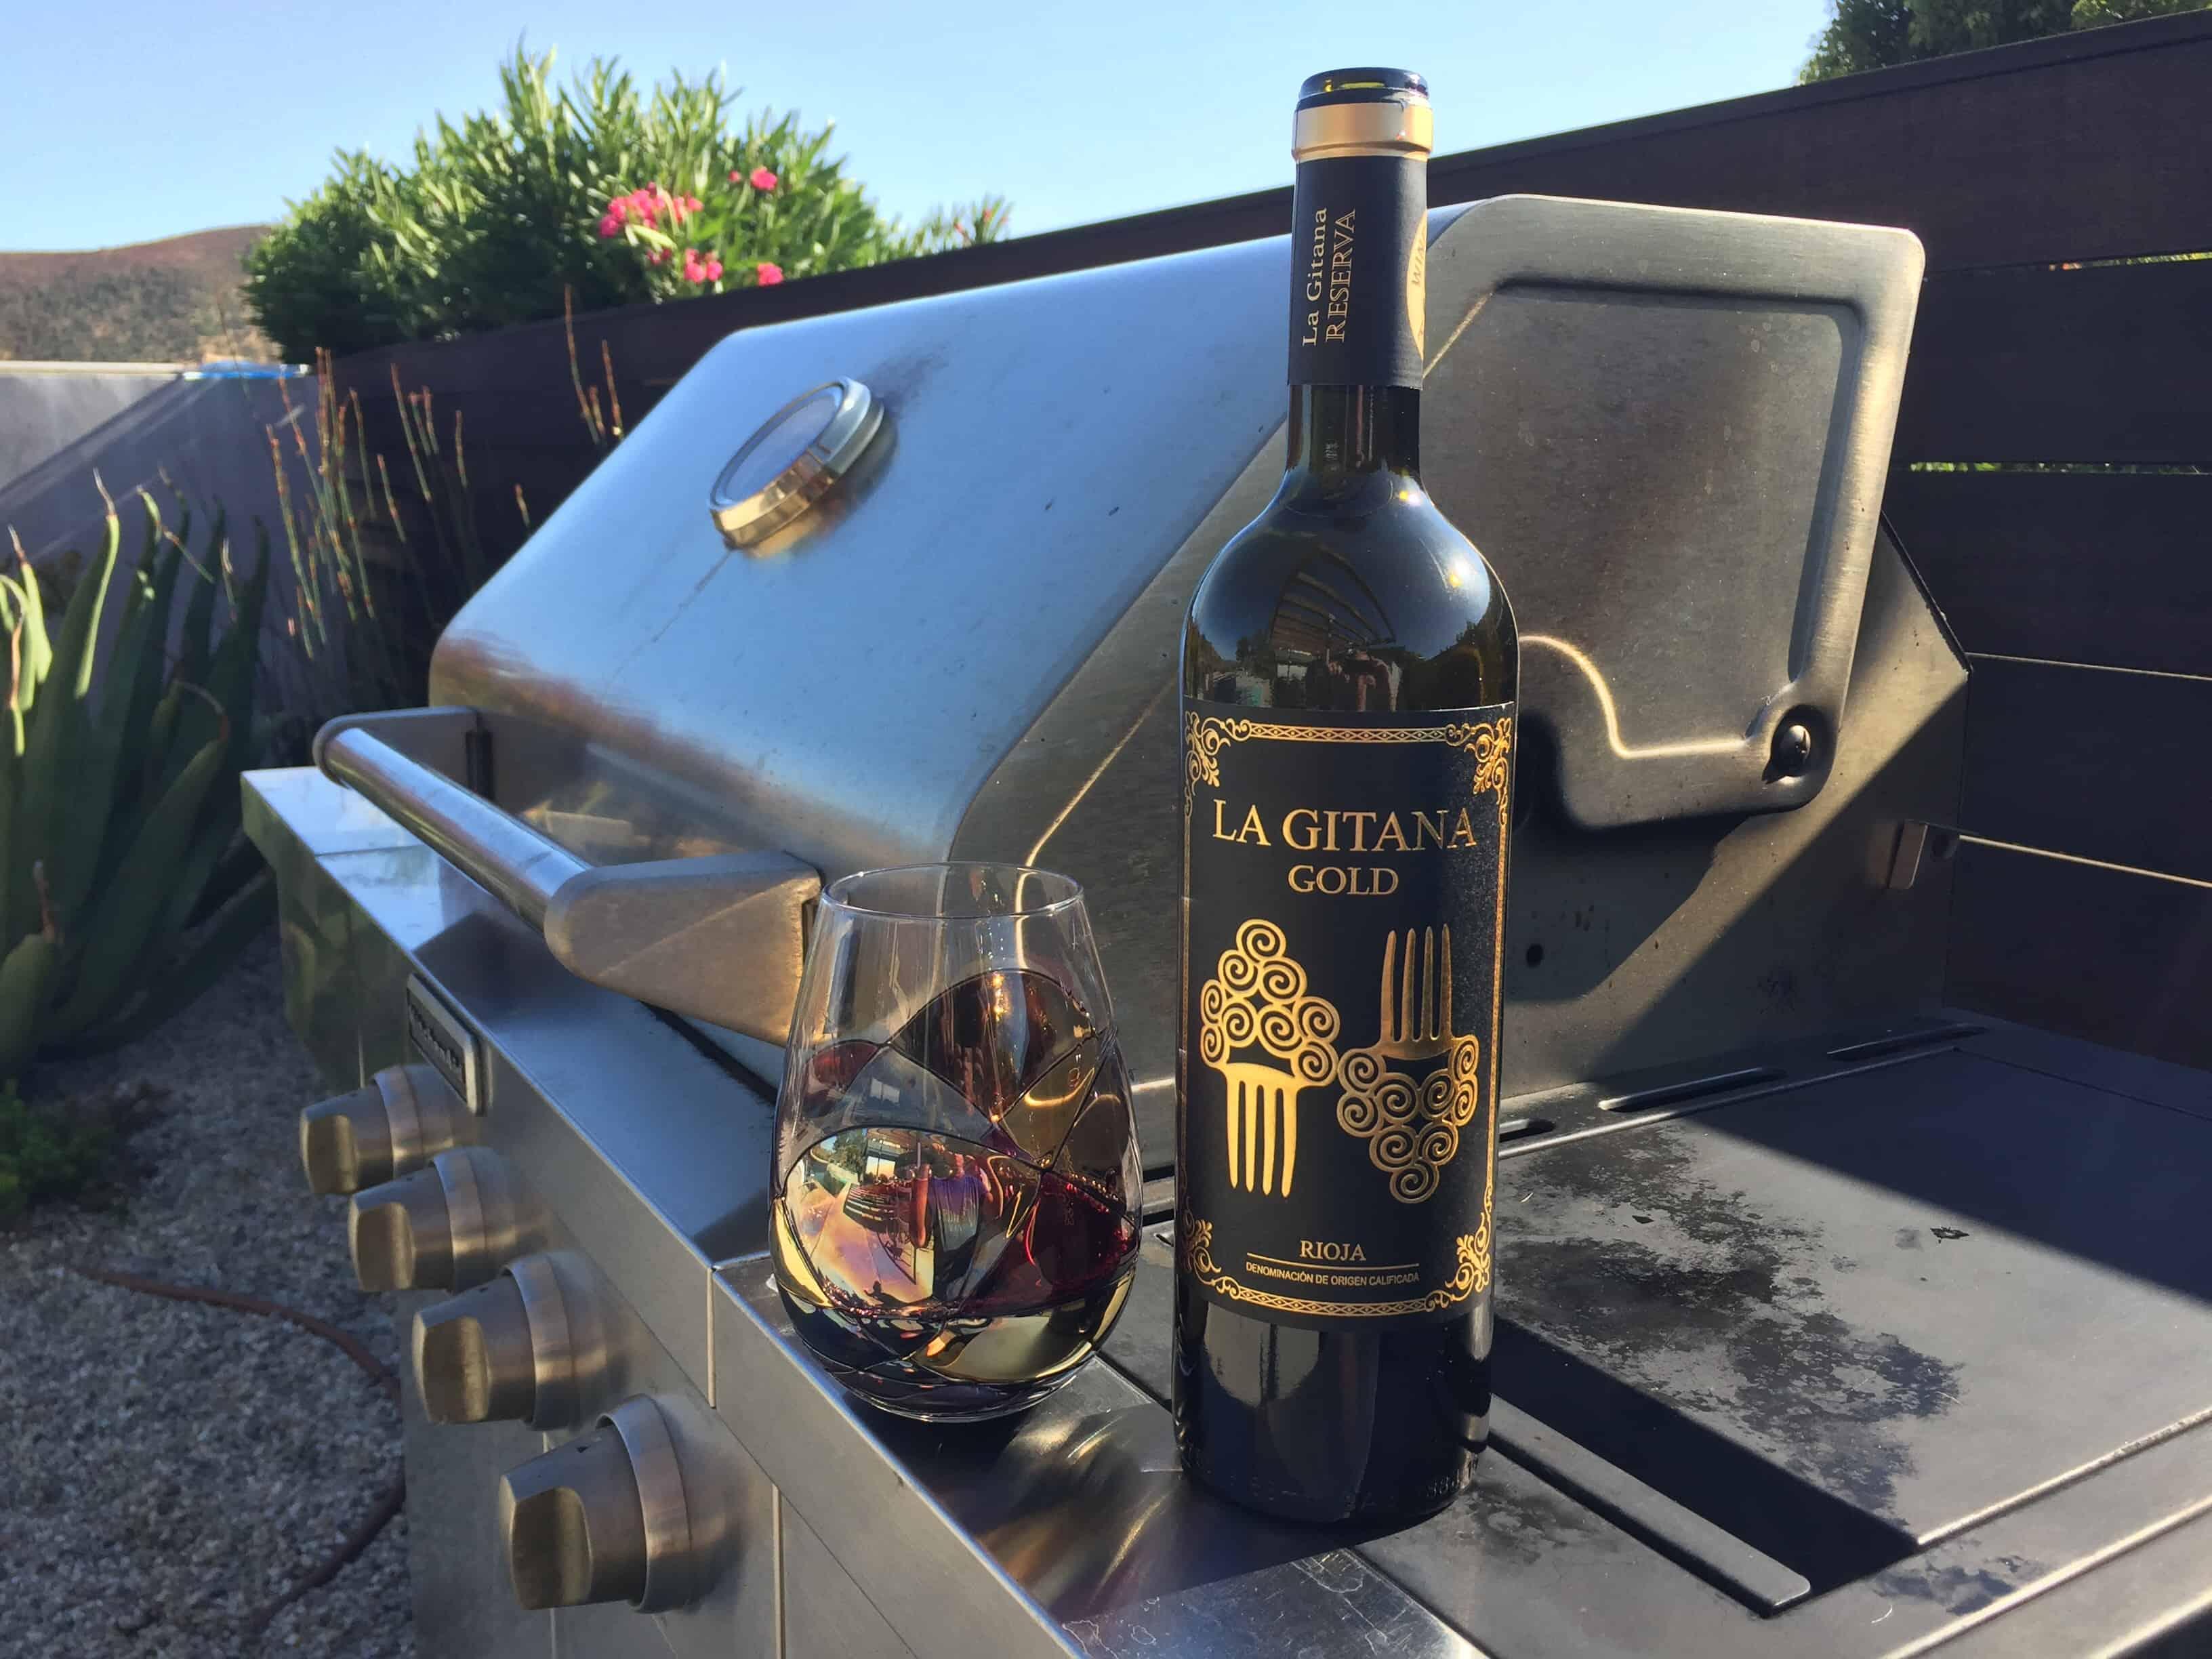 Bottle and glass of La Gitana Gold 2015 Rioja Riserva from Costco